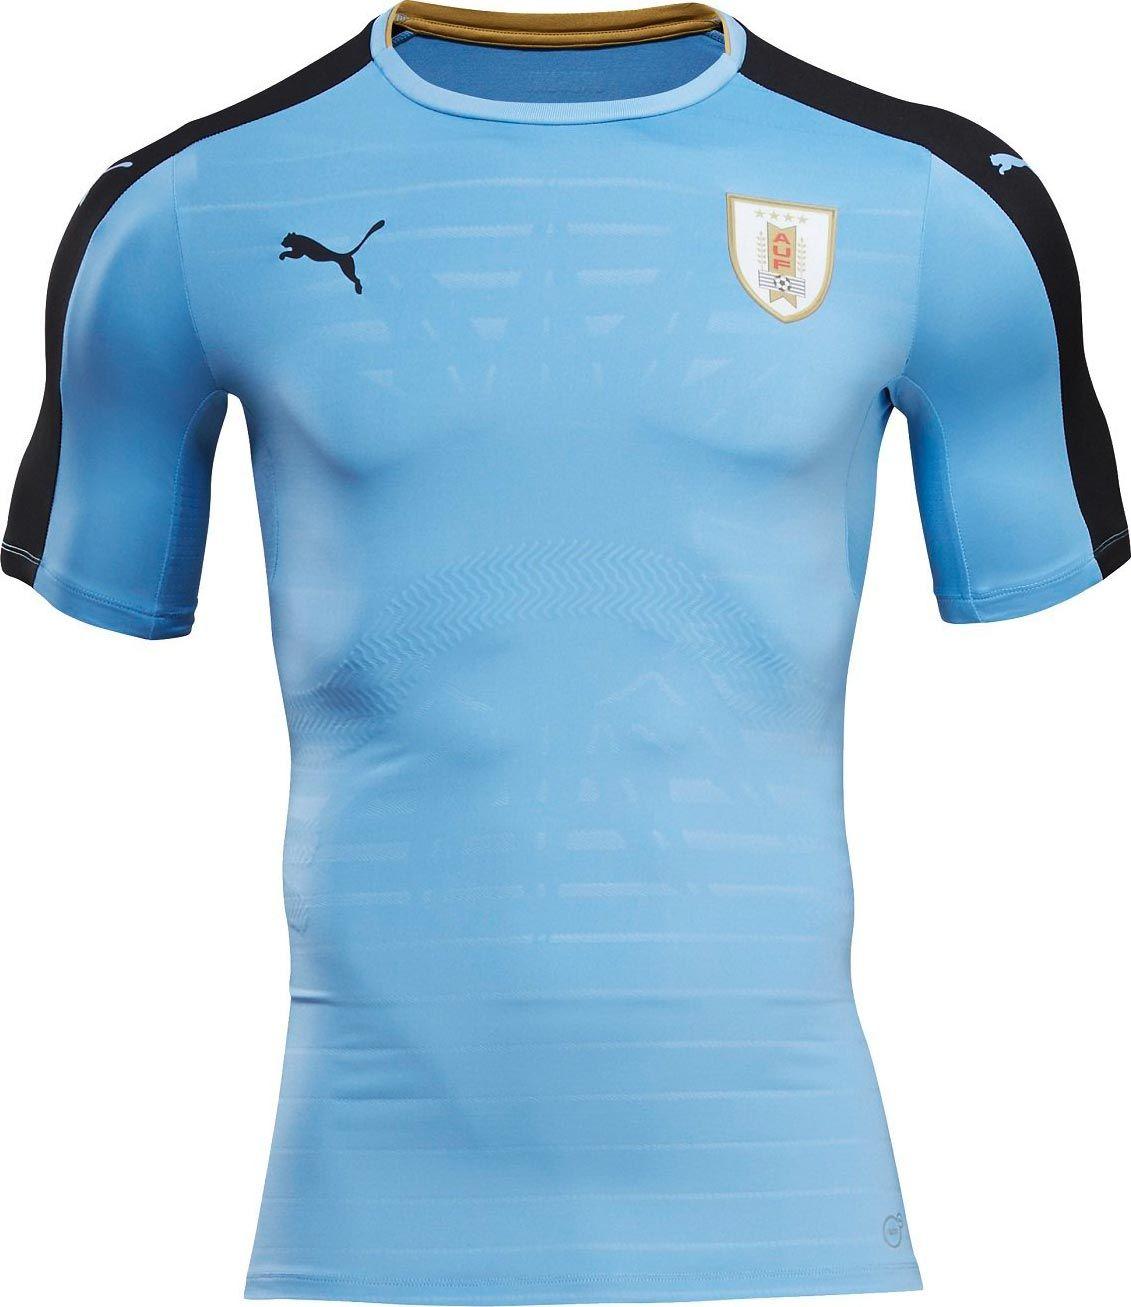 4c371ba0b6e53 Uruguay (Asociación Uruguaya de Fútbol) - 2016 Copa América Puma Home Shirt